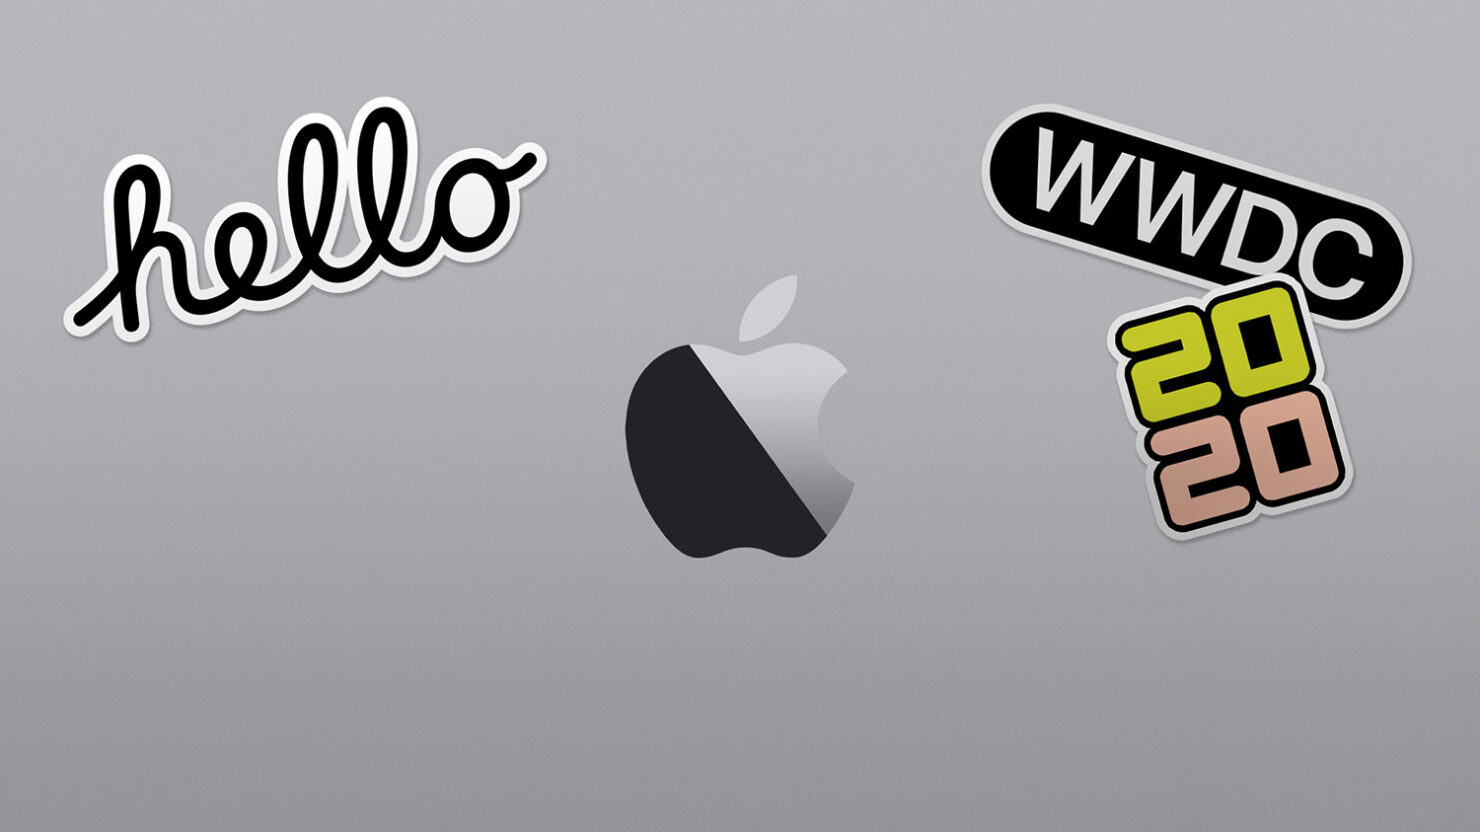 Watch WWDC 2020